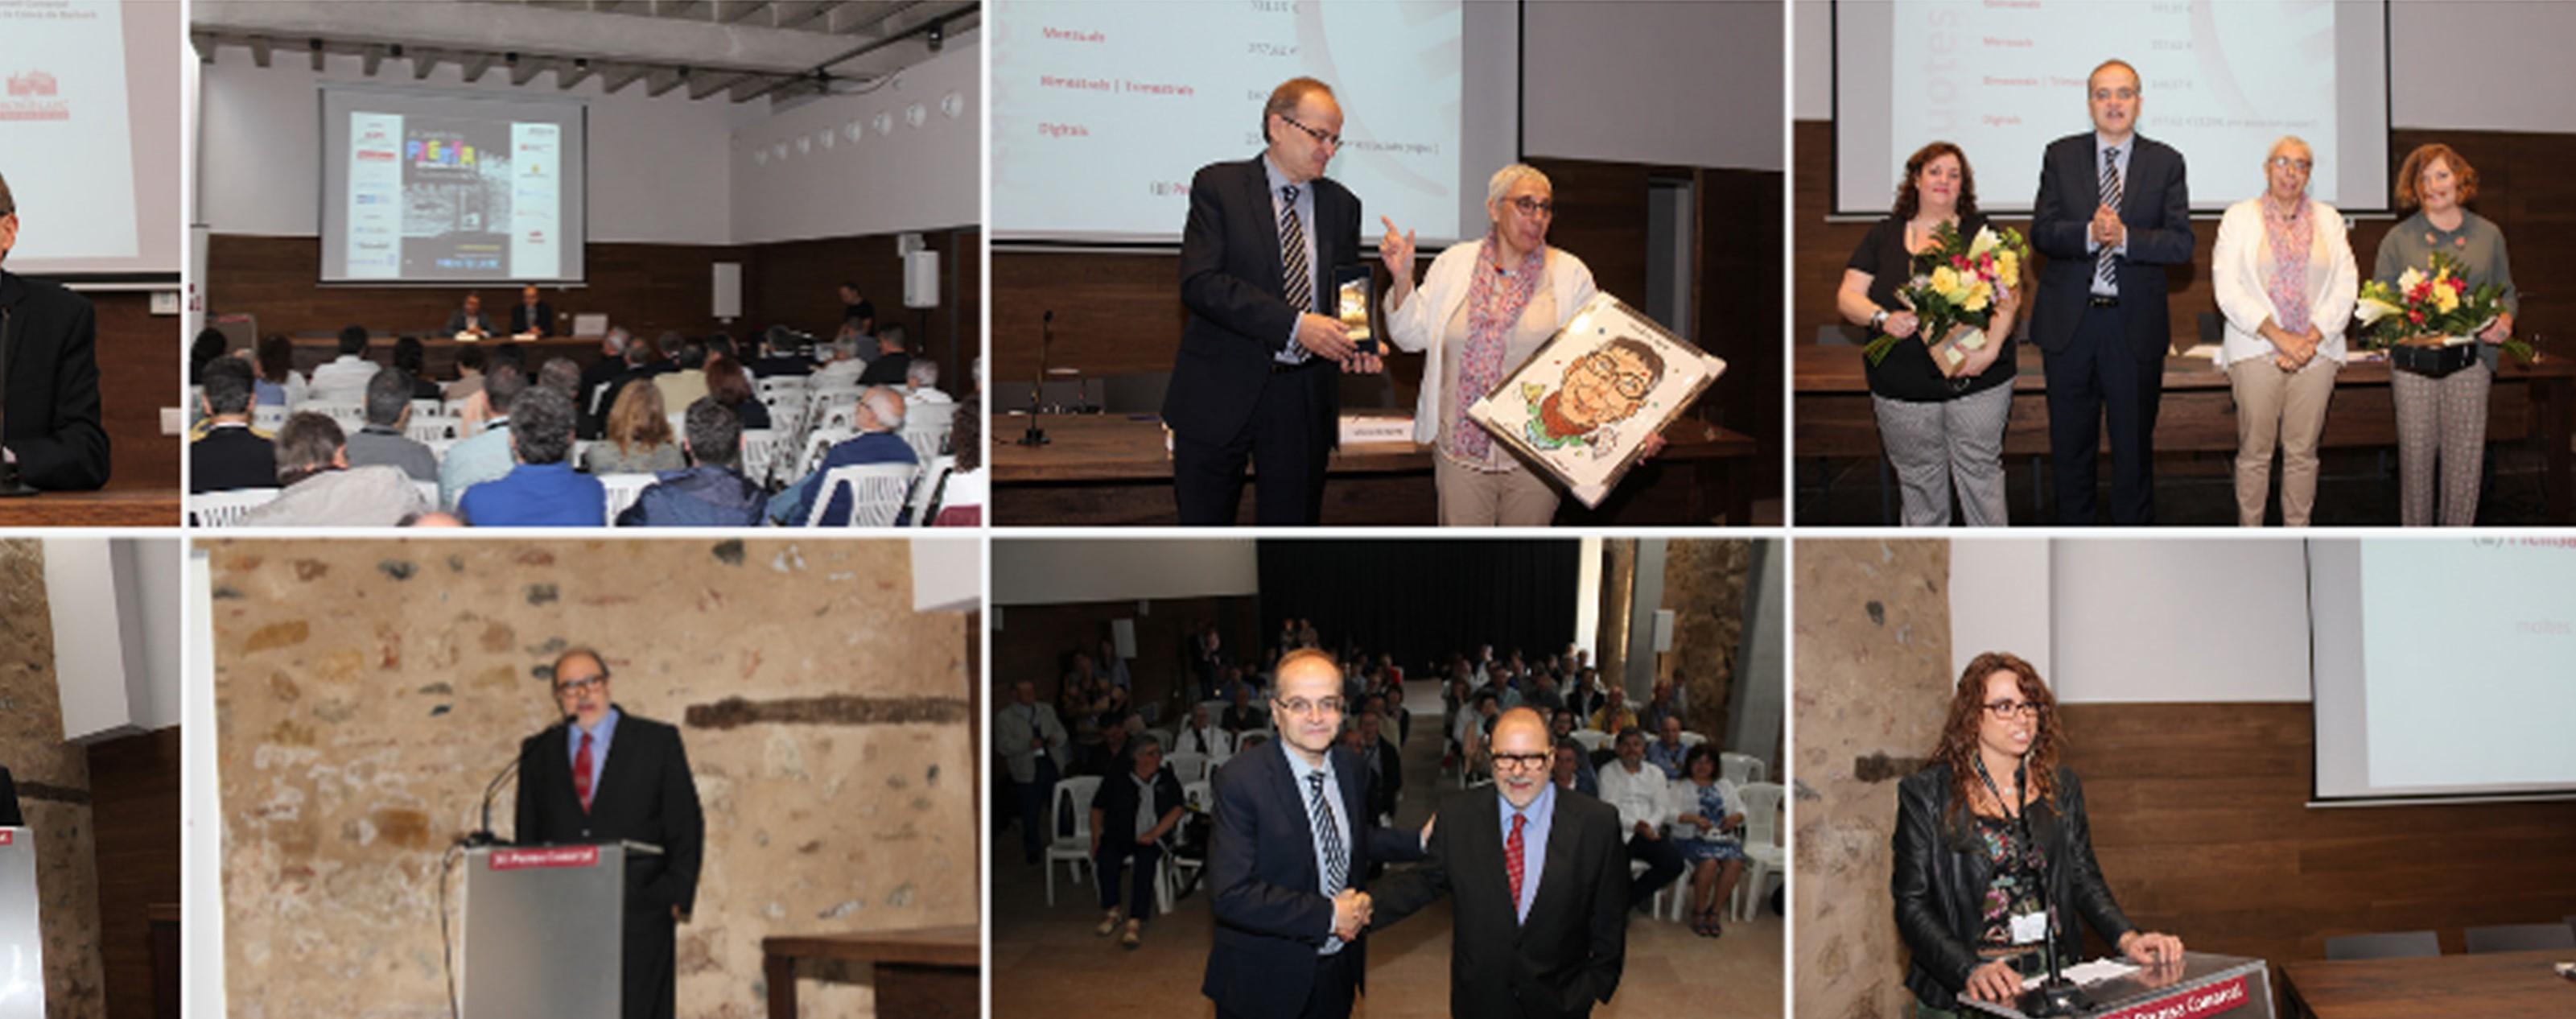 Les imatges del Congrés i l'Assemblea de l'ACPC celebrada a Montblanc